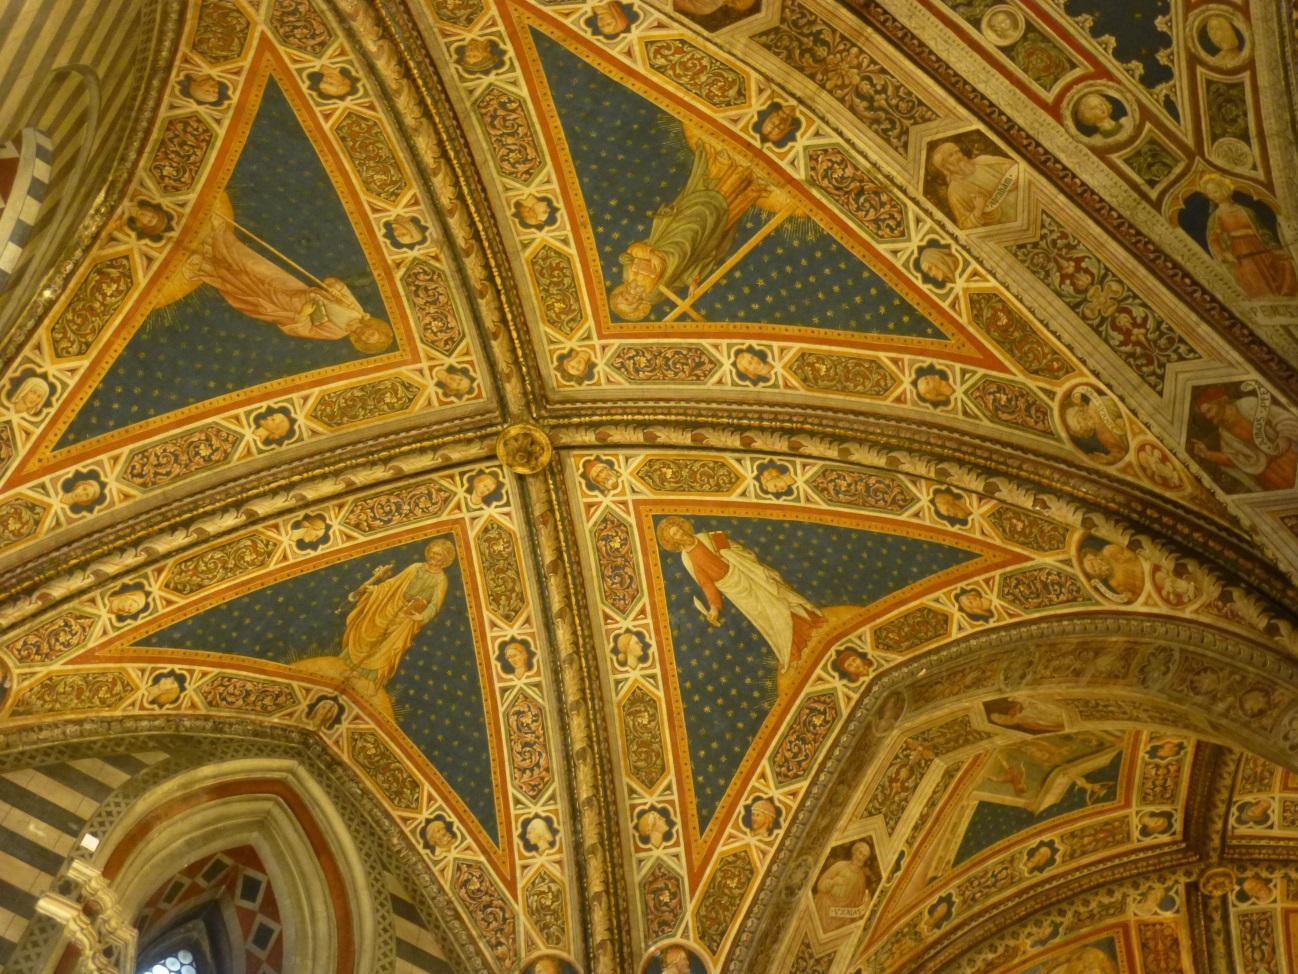 C:\Users\Gonzalo\Desktop\Documentos\Fotografías\La Toscana\102_PANA\P1020959.JPG